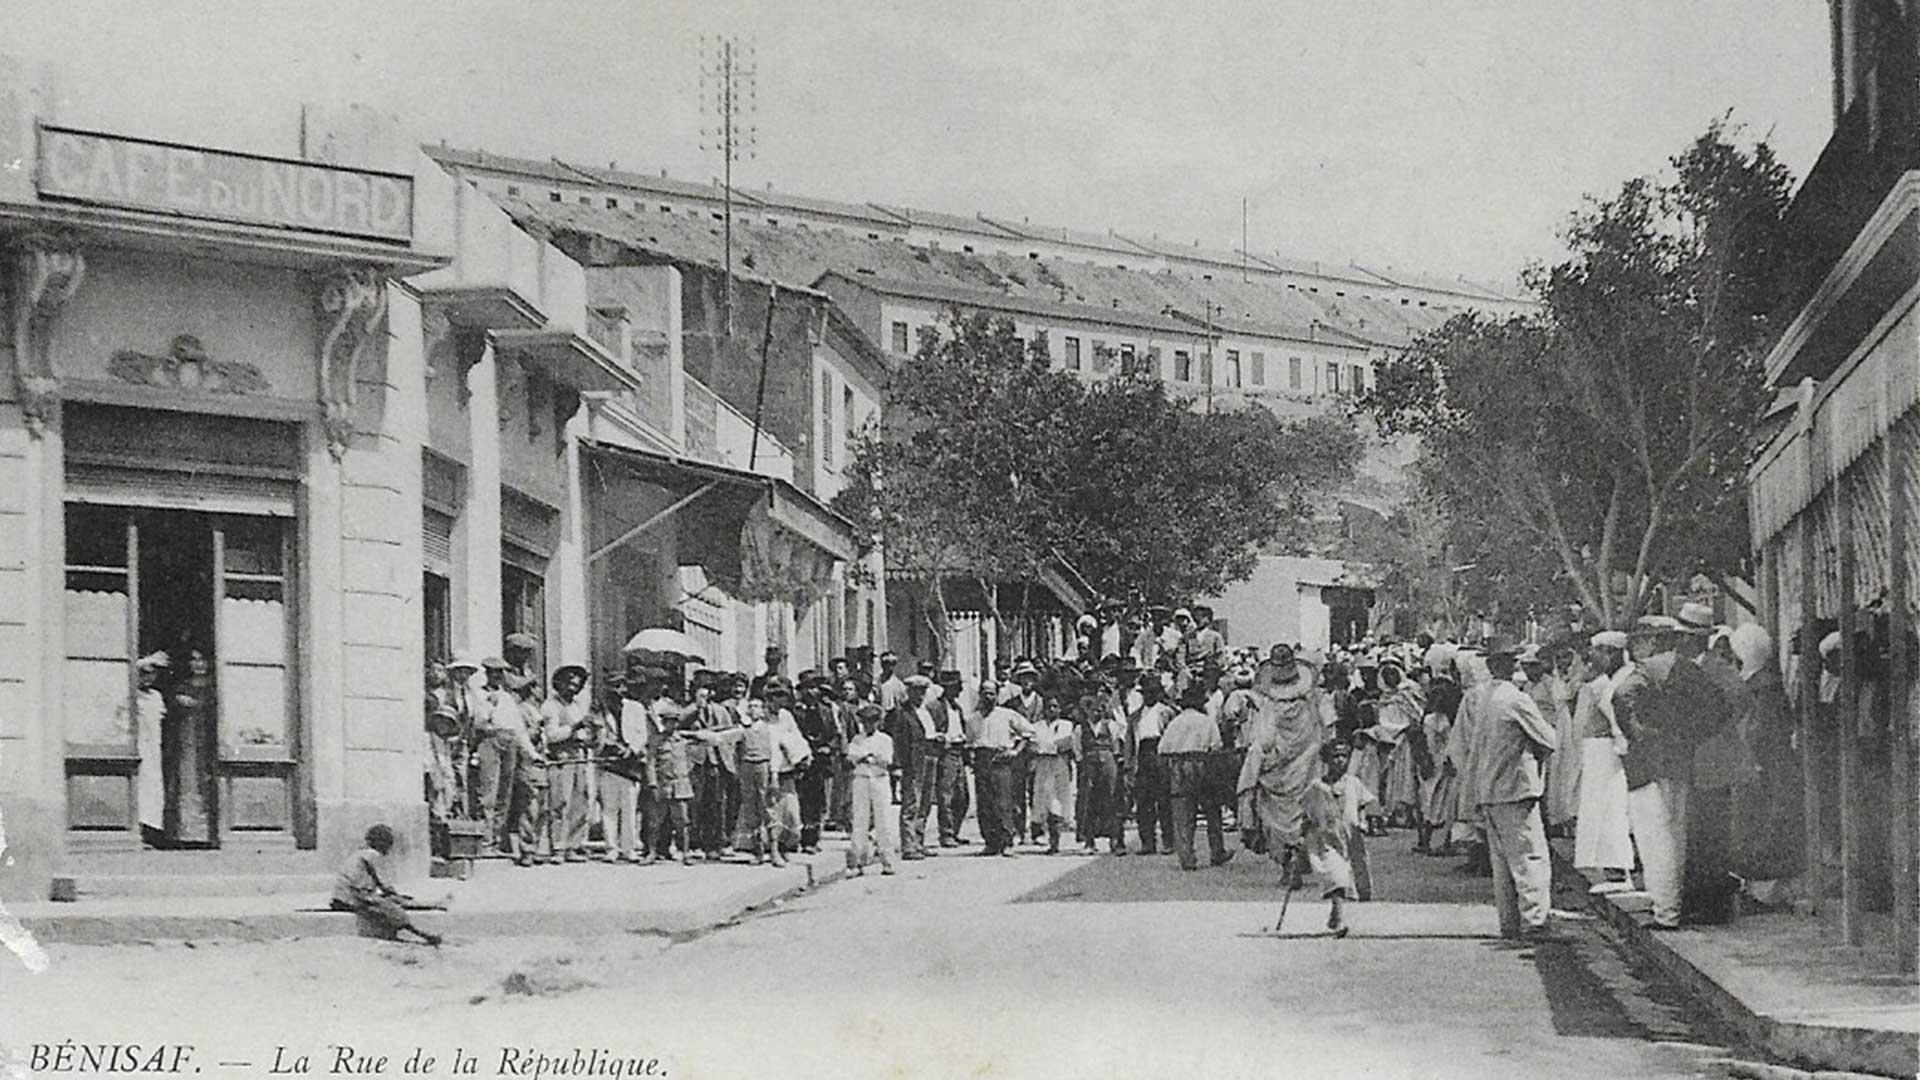 Benisaf-Rue-Republique